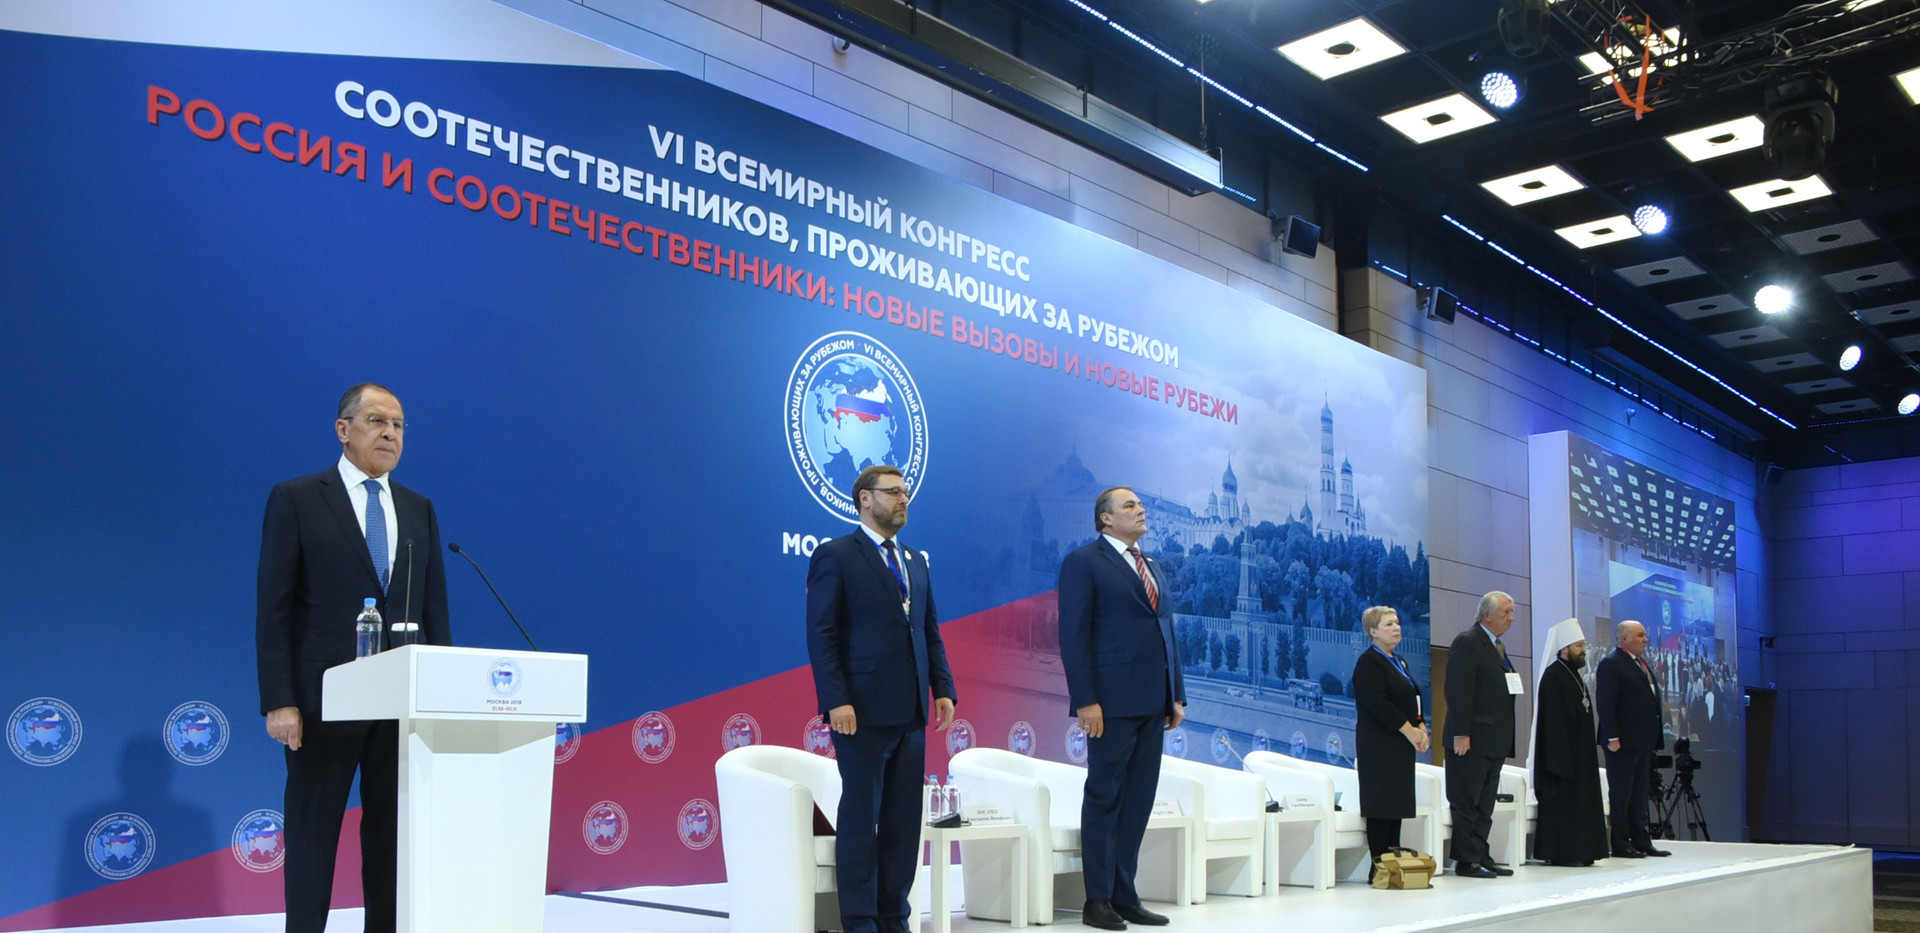 VI Всемирный Конгресс соотечественников